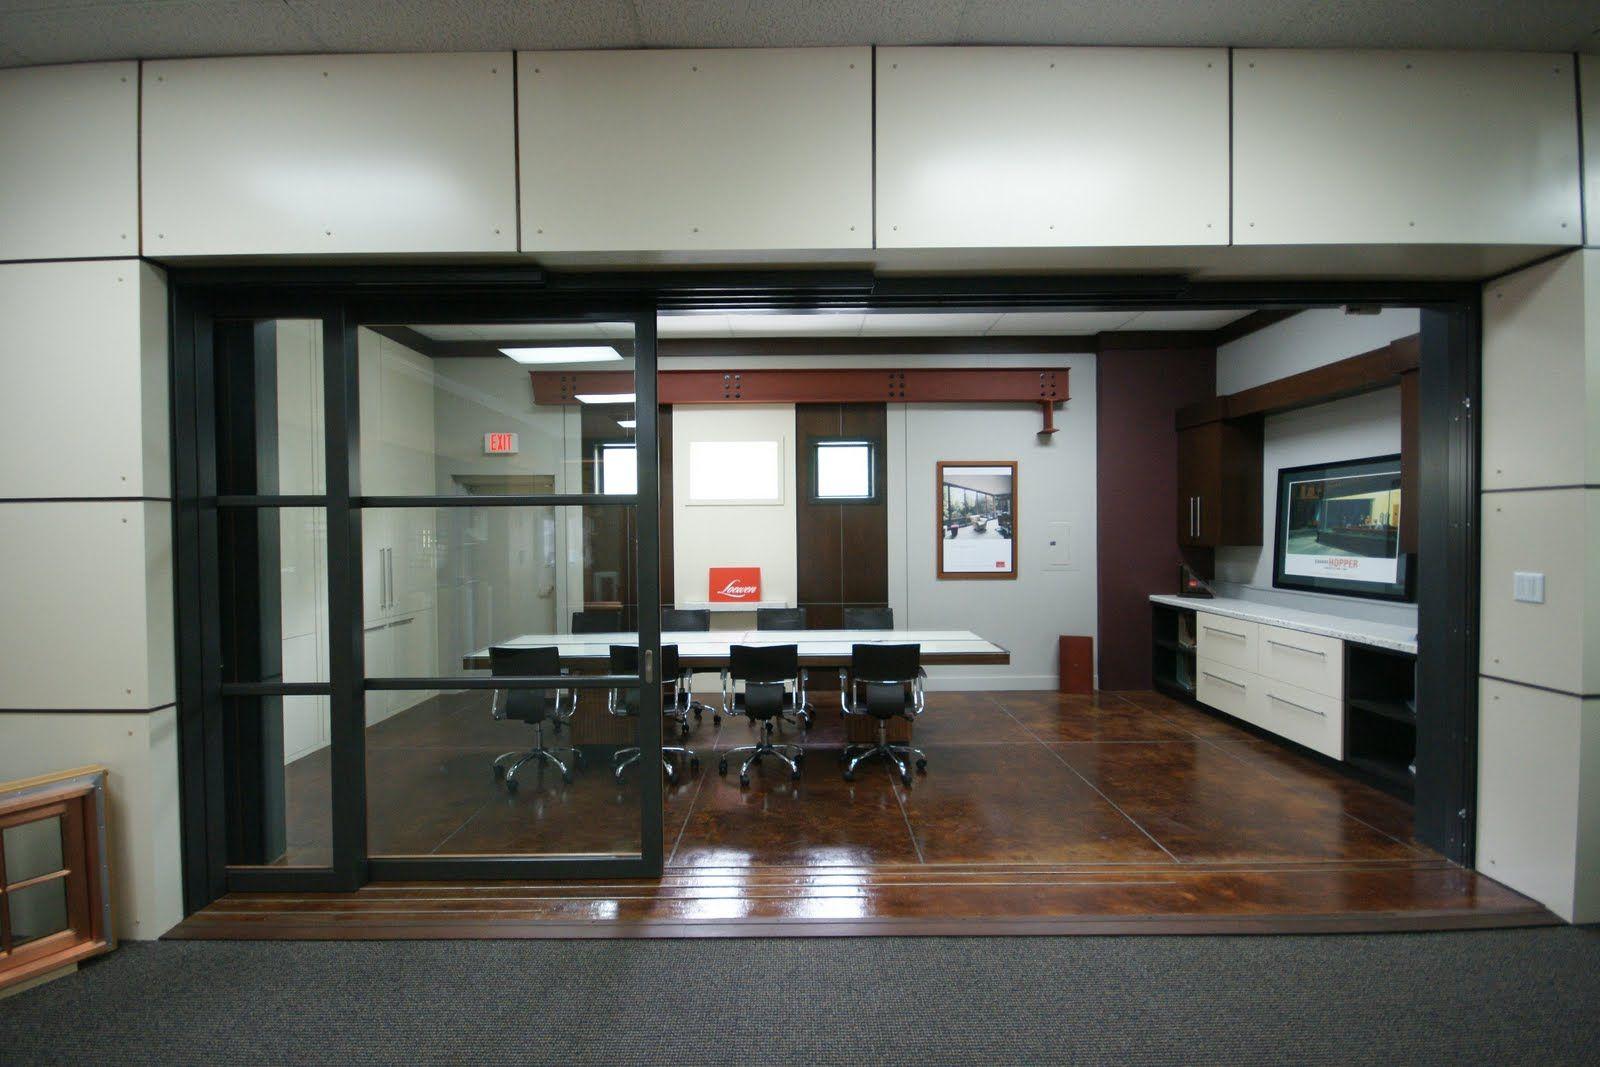 sliding conference room door 1 conference room pinterest conference room. Black Bedroom Furniture Sets. Home Design Ideas